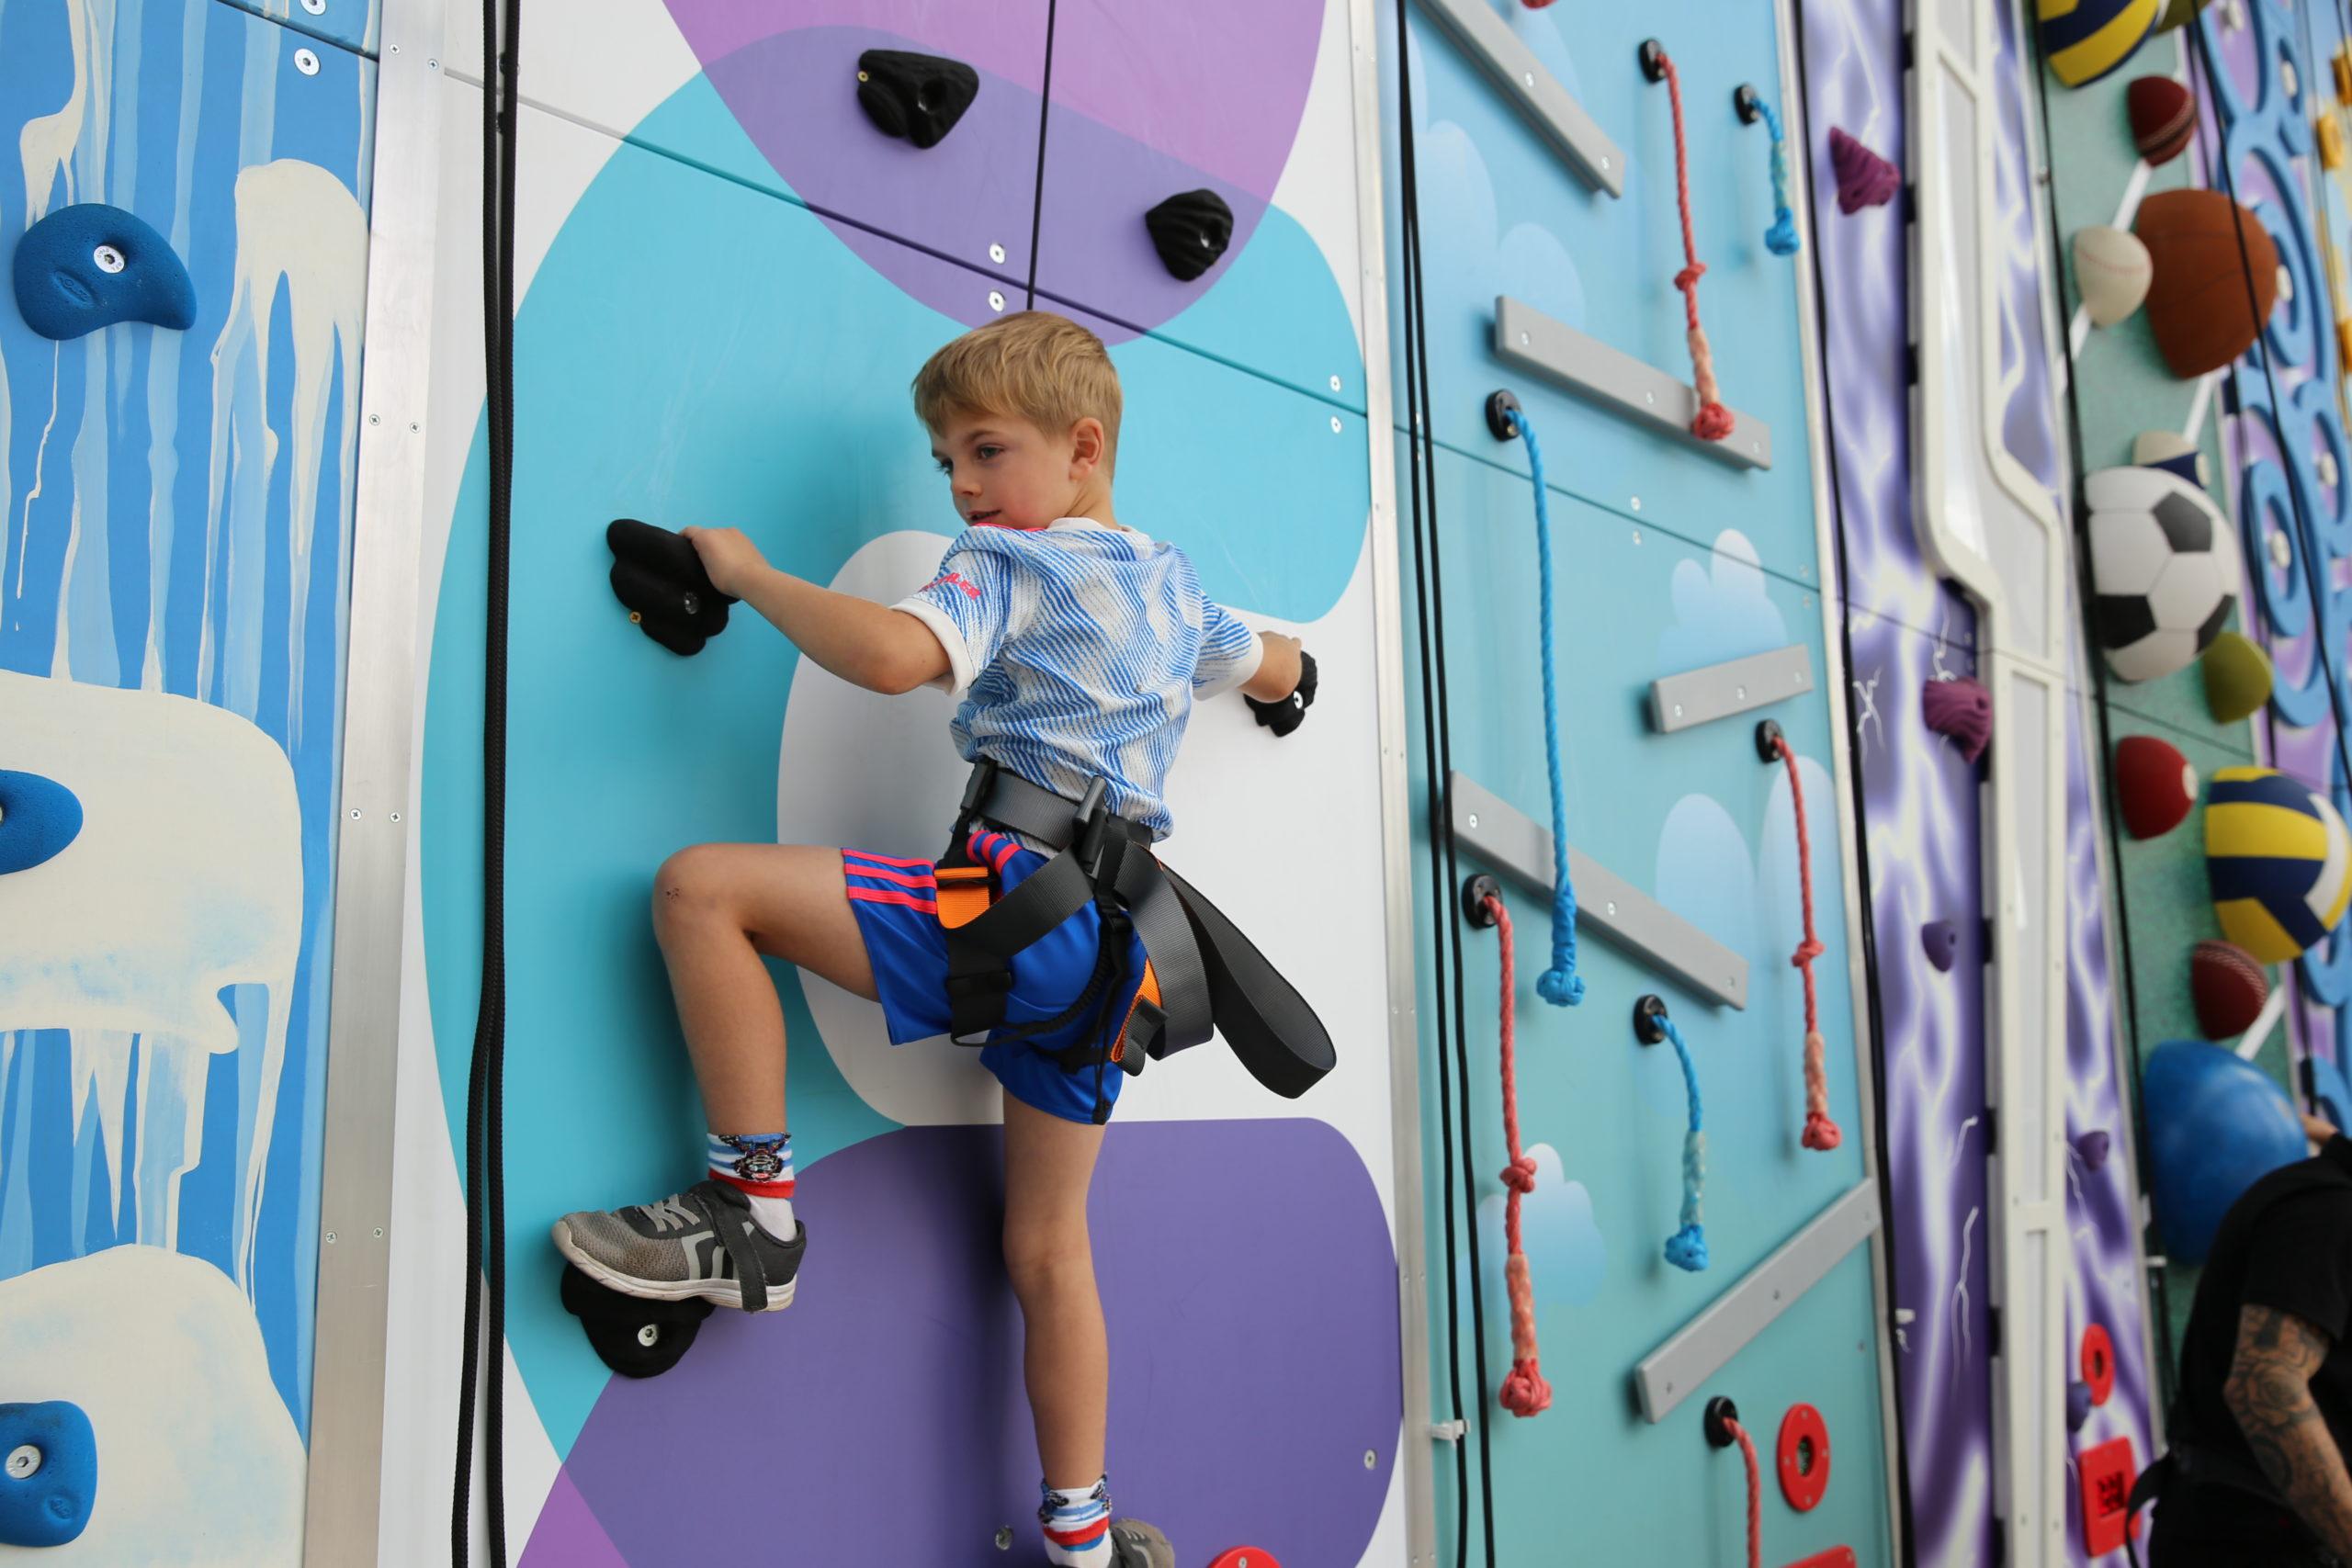 Clip and Climb Wall